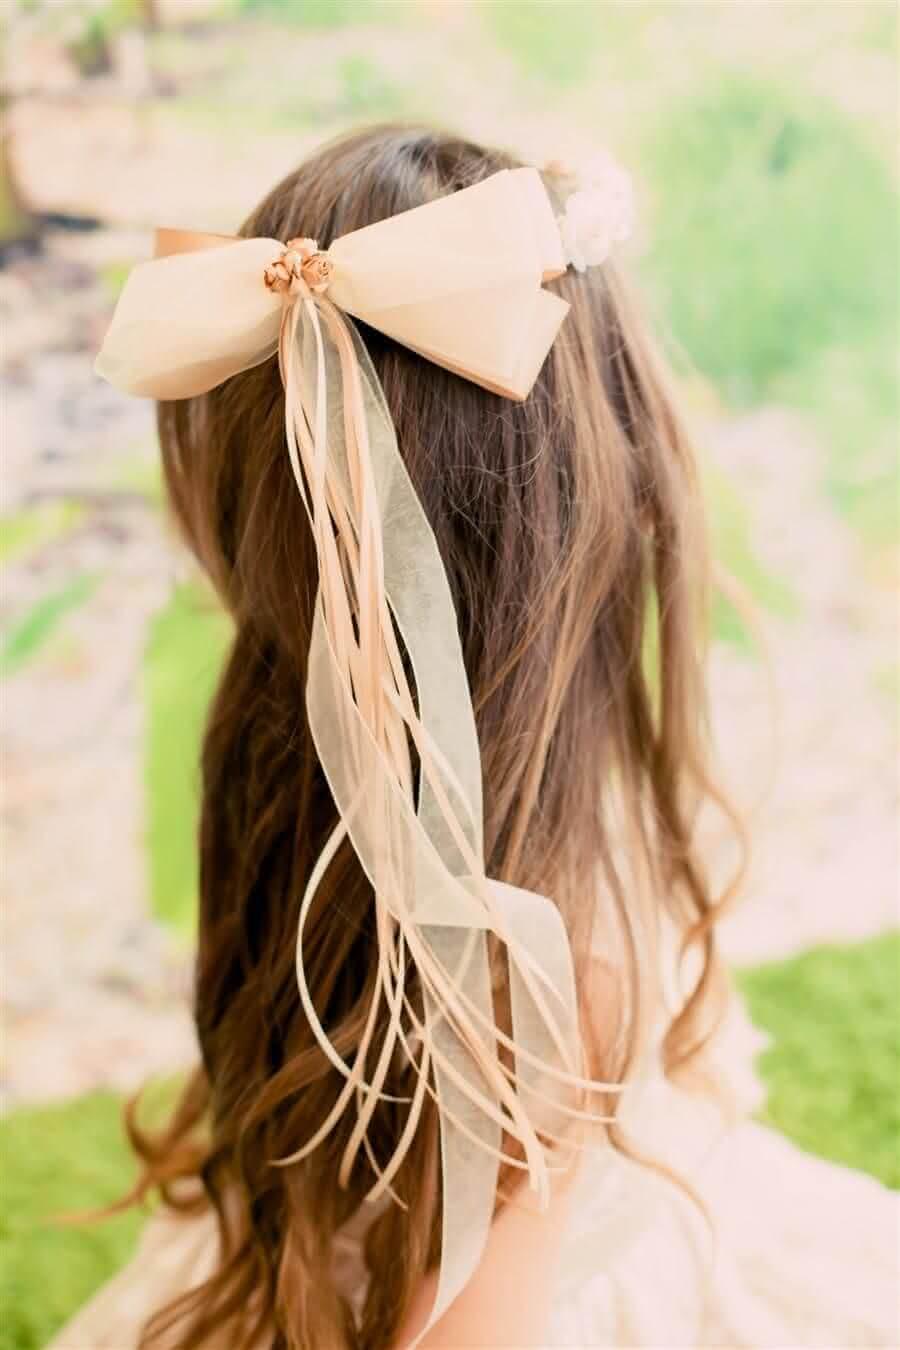 Penteado Infantil simples com laço